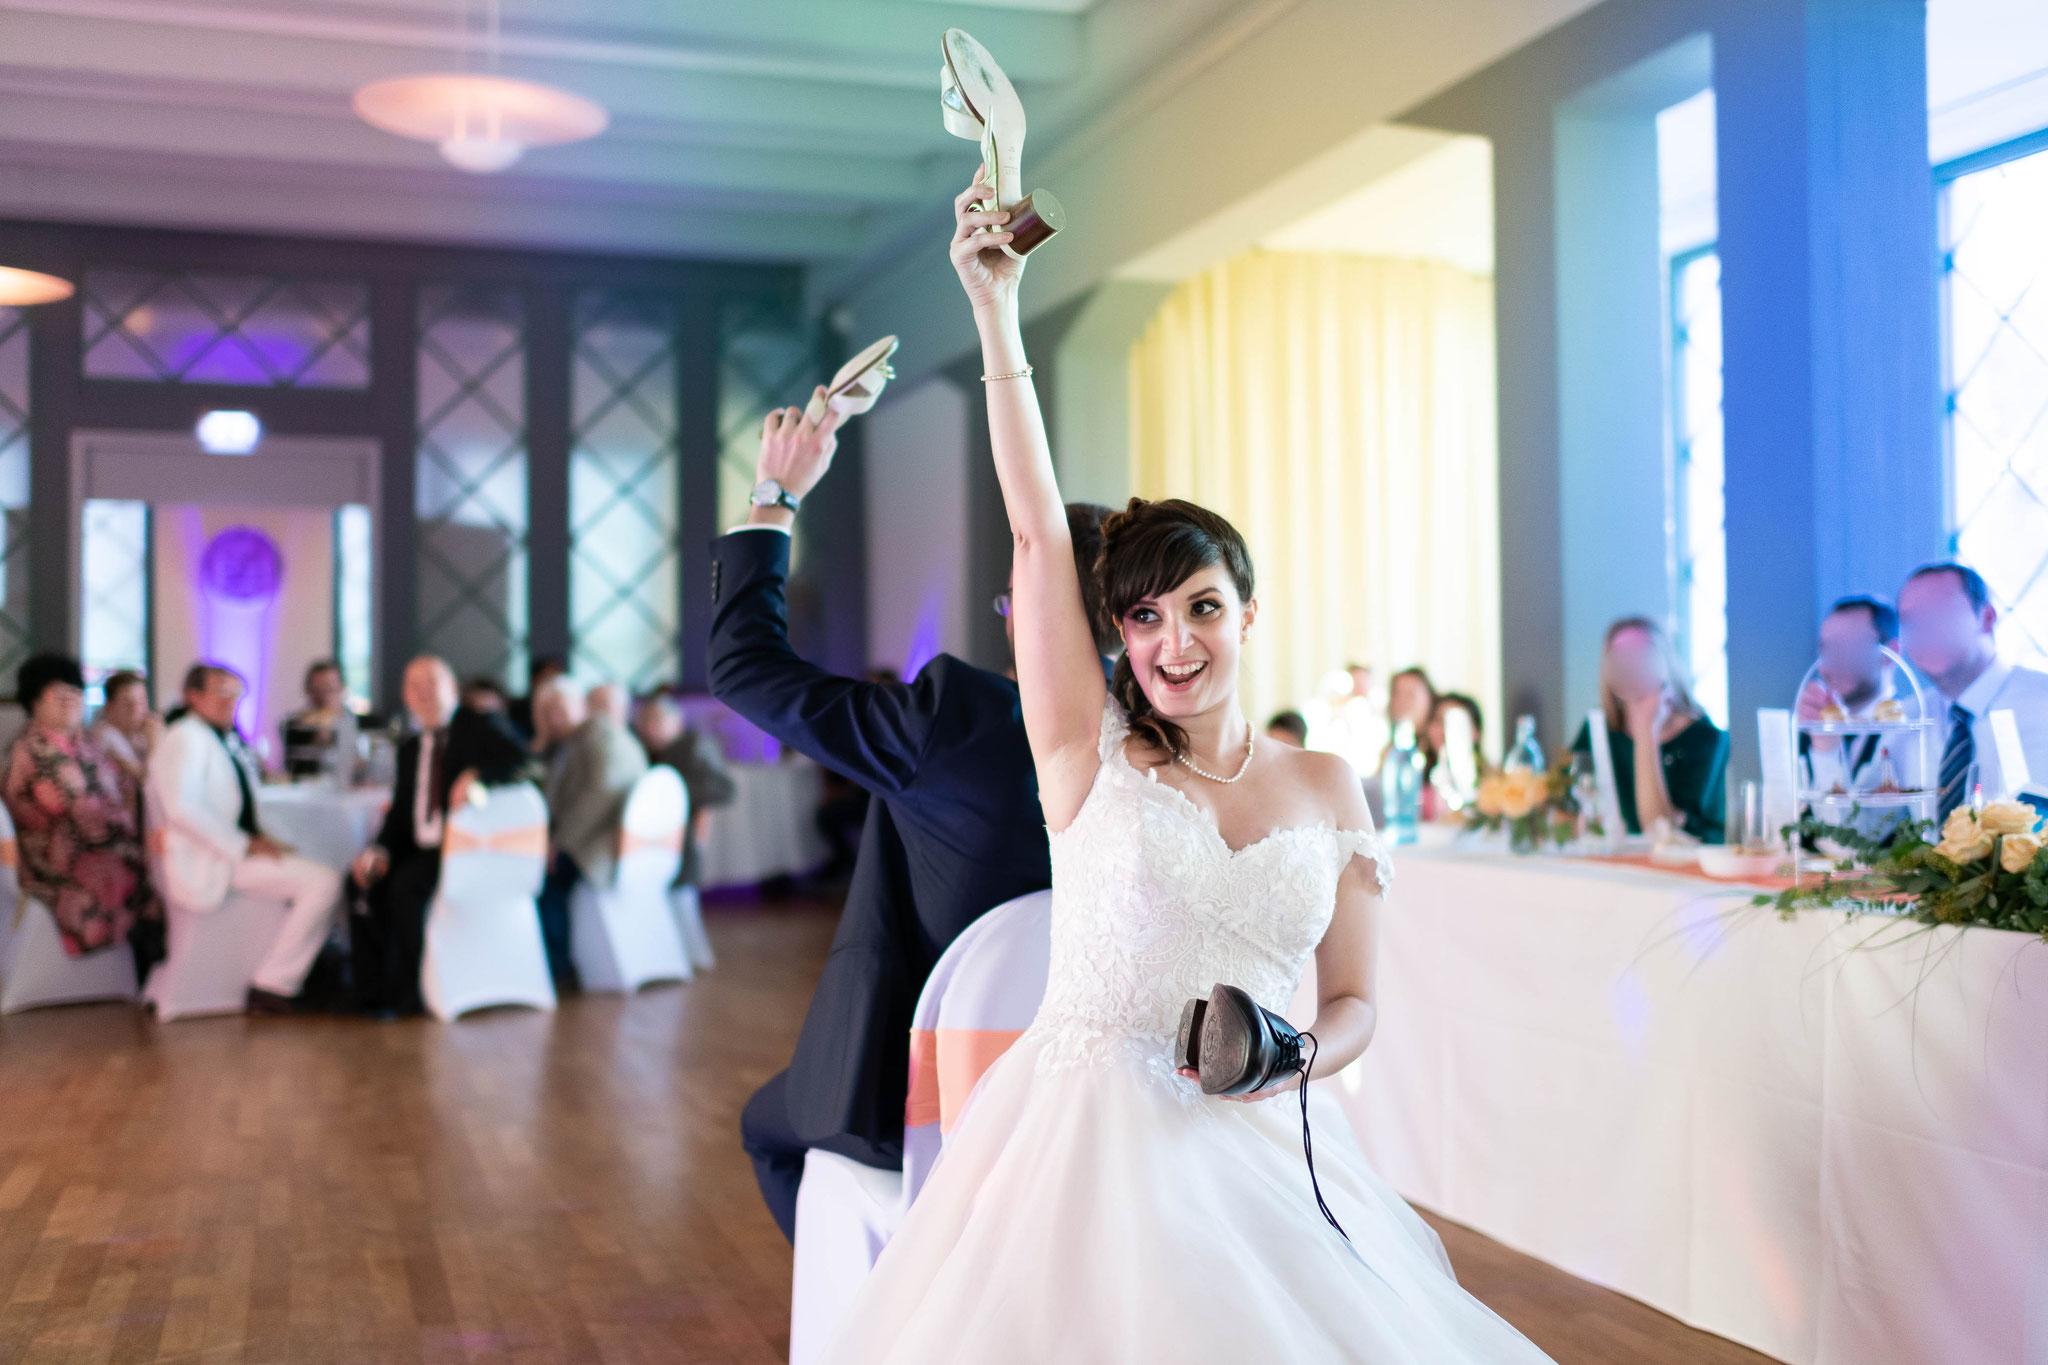 Die Braut und der Bräutigam behaupten sich in einem Spiel